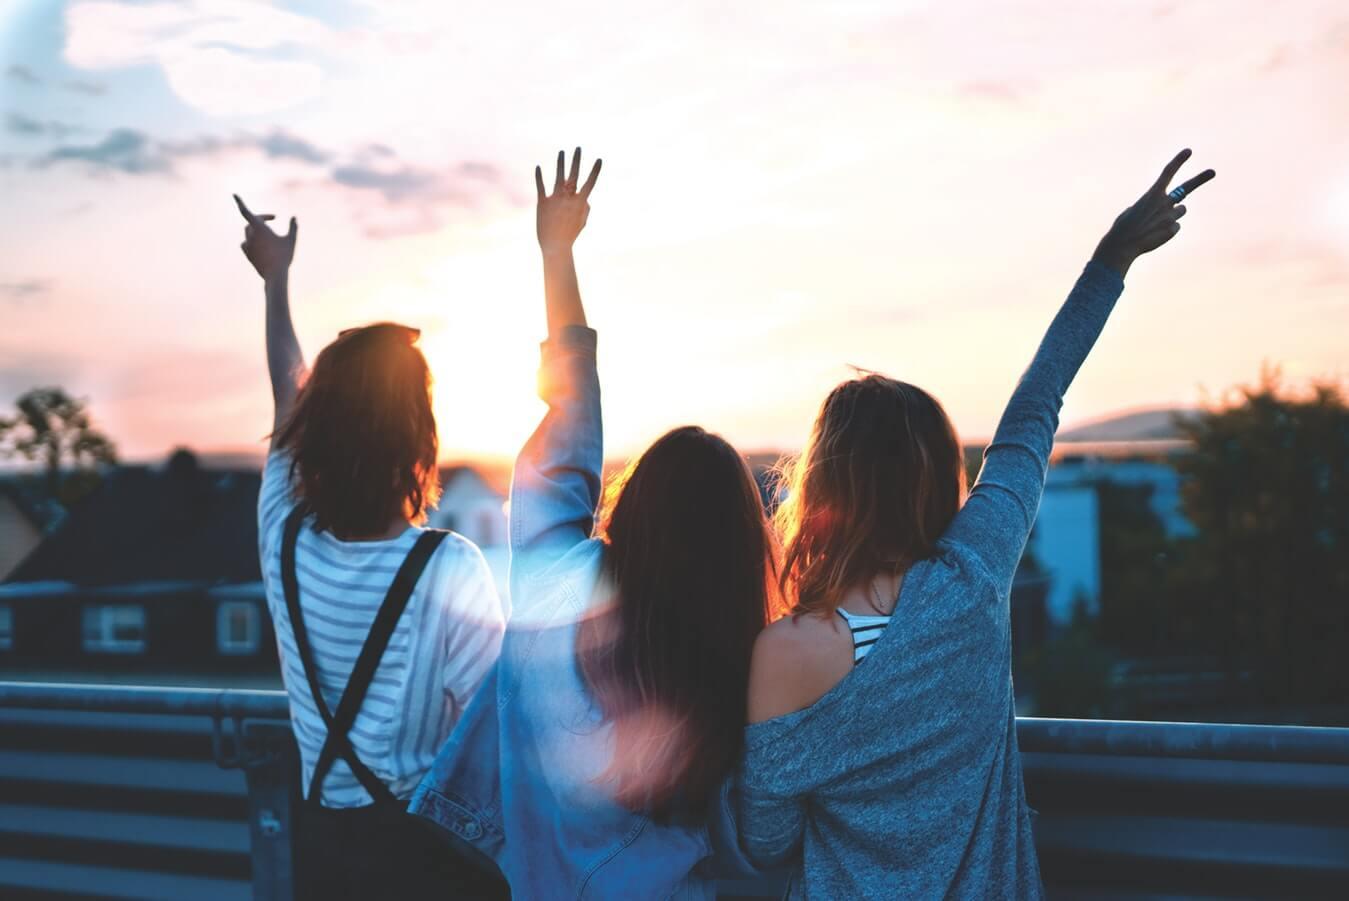 Kto sú vaši najbližší ľudia a ako vás denodenne ovplyvňujú? / Zdroj: Unsplash